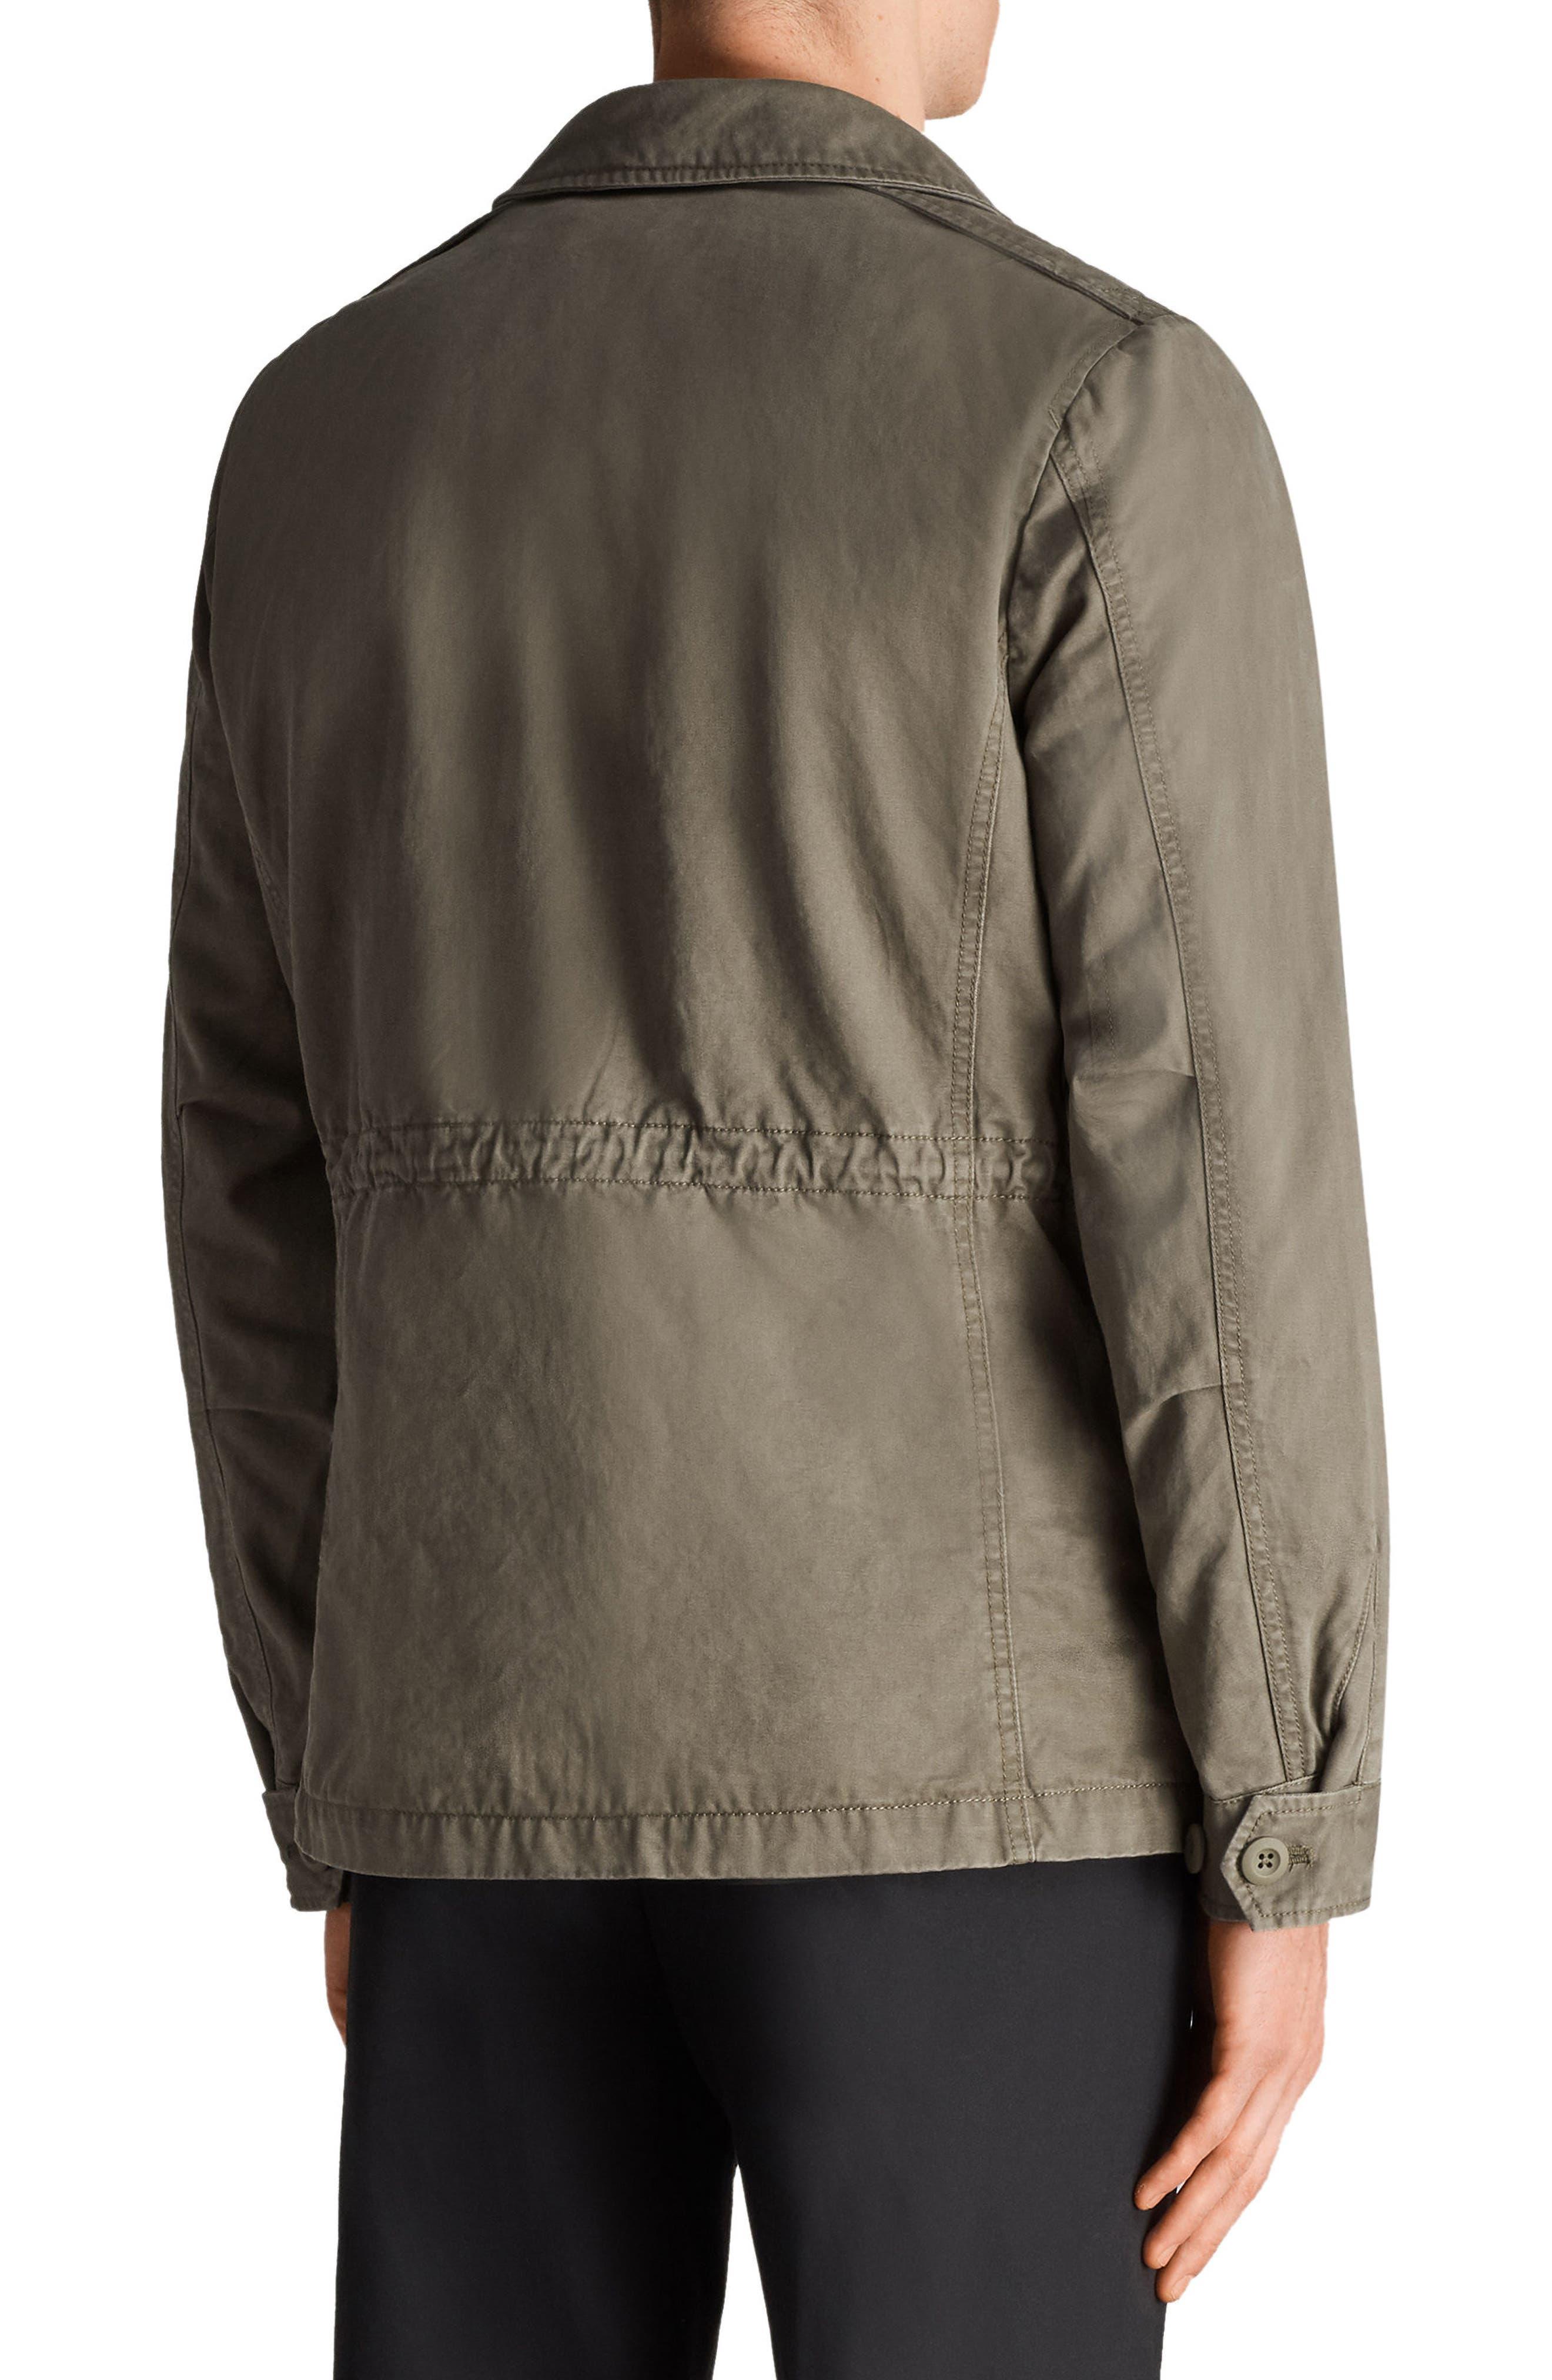 Cote Regular Fit Cotton Jacket,                             Alternate thumbnail 2, color,                             342